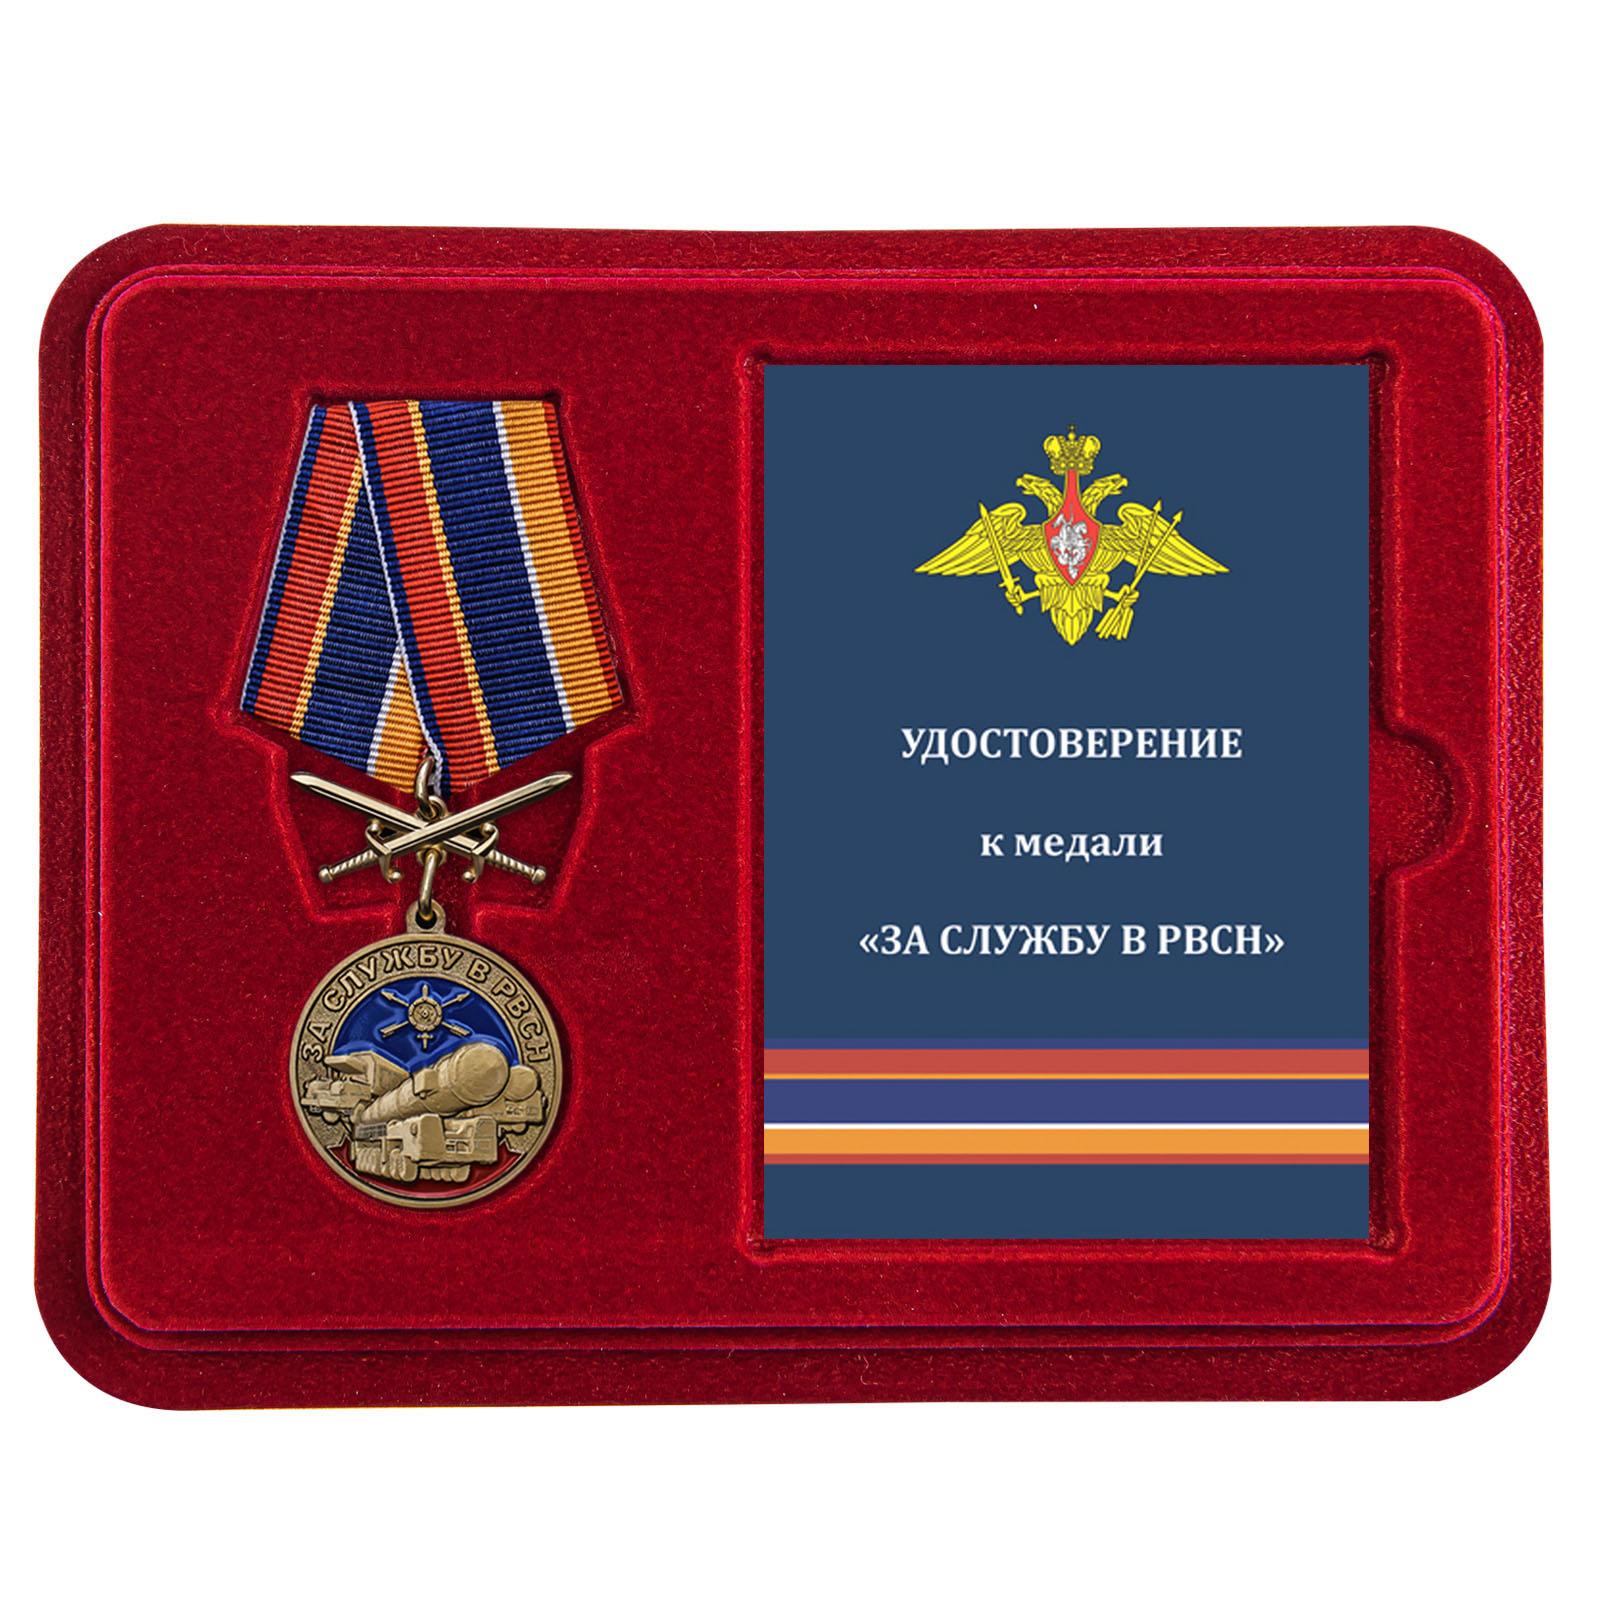 Купить медаль За службу в РВСН по экономичной цене